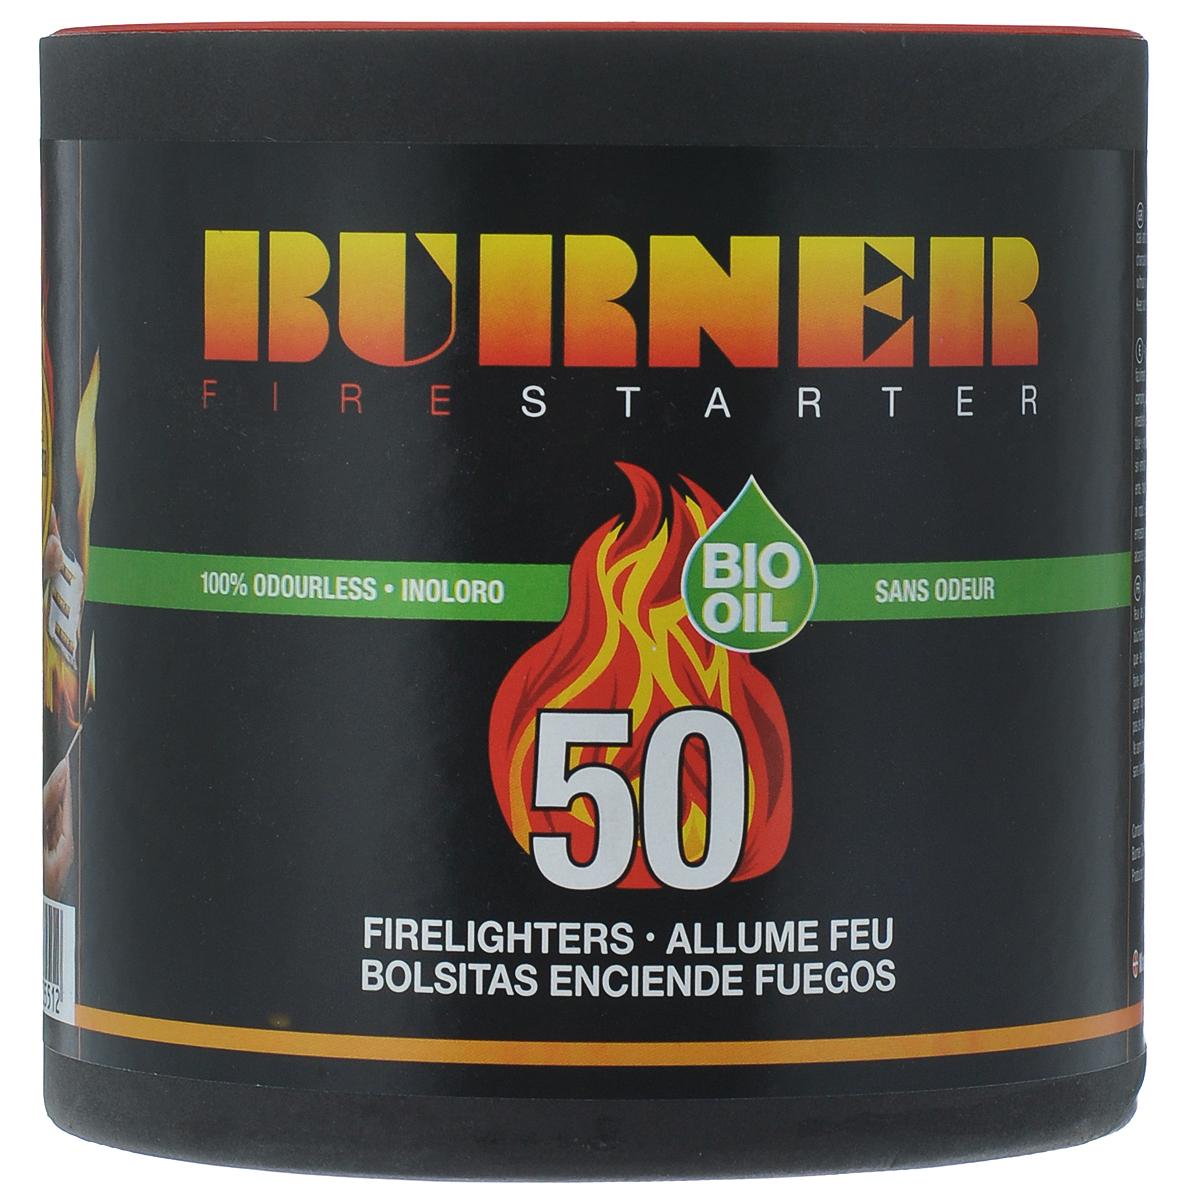 Средство для розжига Burner, в бочонке, 50 пакетов23050Розжиг Burner экологически безопасен, удобен в хранении и перевозке - никакой грязи и запахов. Идеальное средство для розжига мангалов, каминов, печей и костров. Кроме того, розжиг Burner не боится сырости и поэтому идеален в походе, на рыбалке, охоте, и в других достаточно экстремальных условиях, когда необходимо разжечь костер для обогрева или приготовления пищи. В комплект входит 50 пакетиков для розжига. Состав: высококачественные N-парафины, растительные масла.